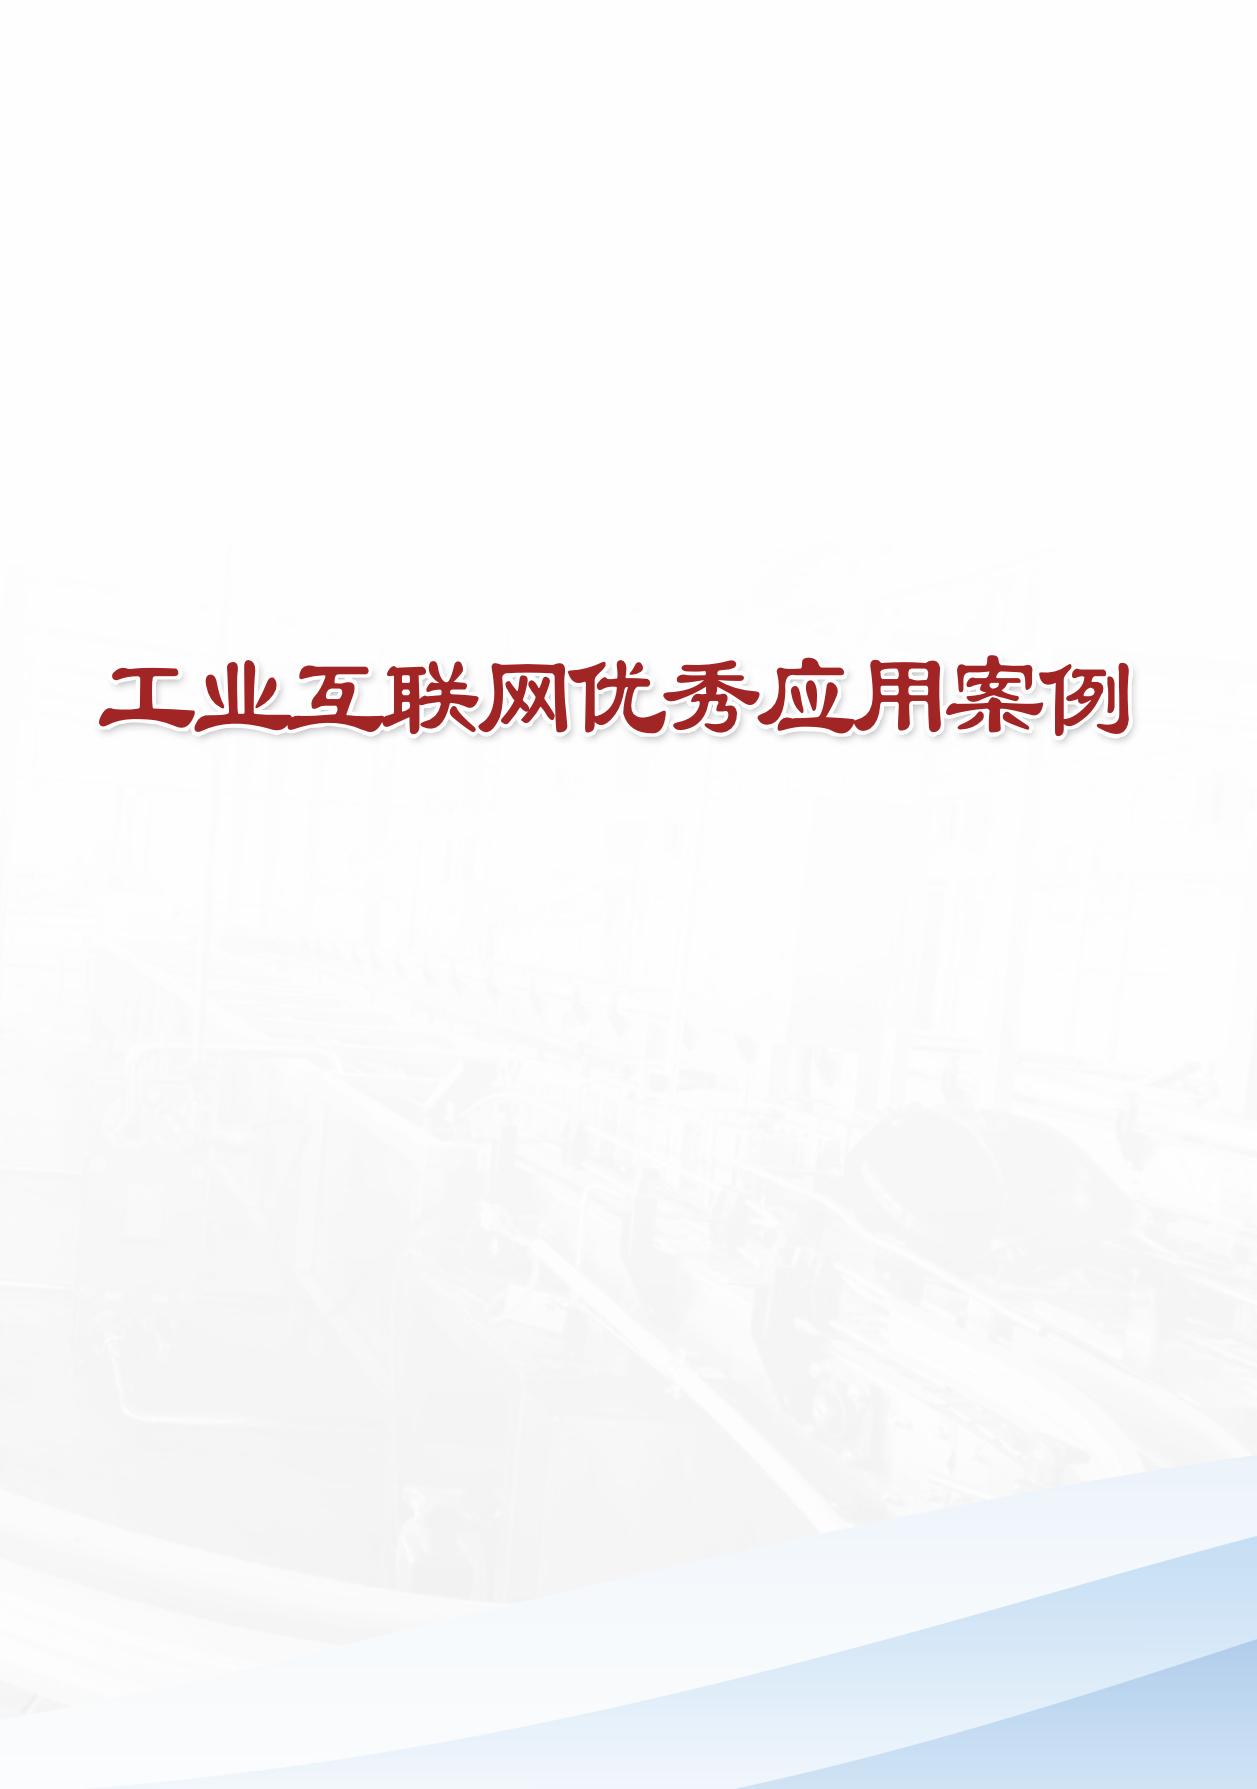 工信部2018年物联网集成创新与融合应用项目